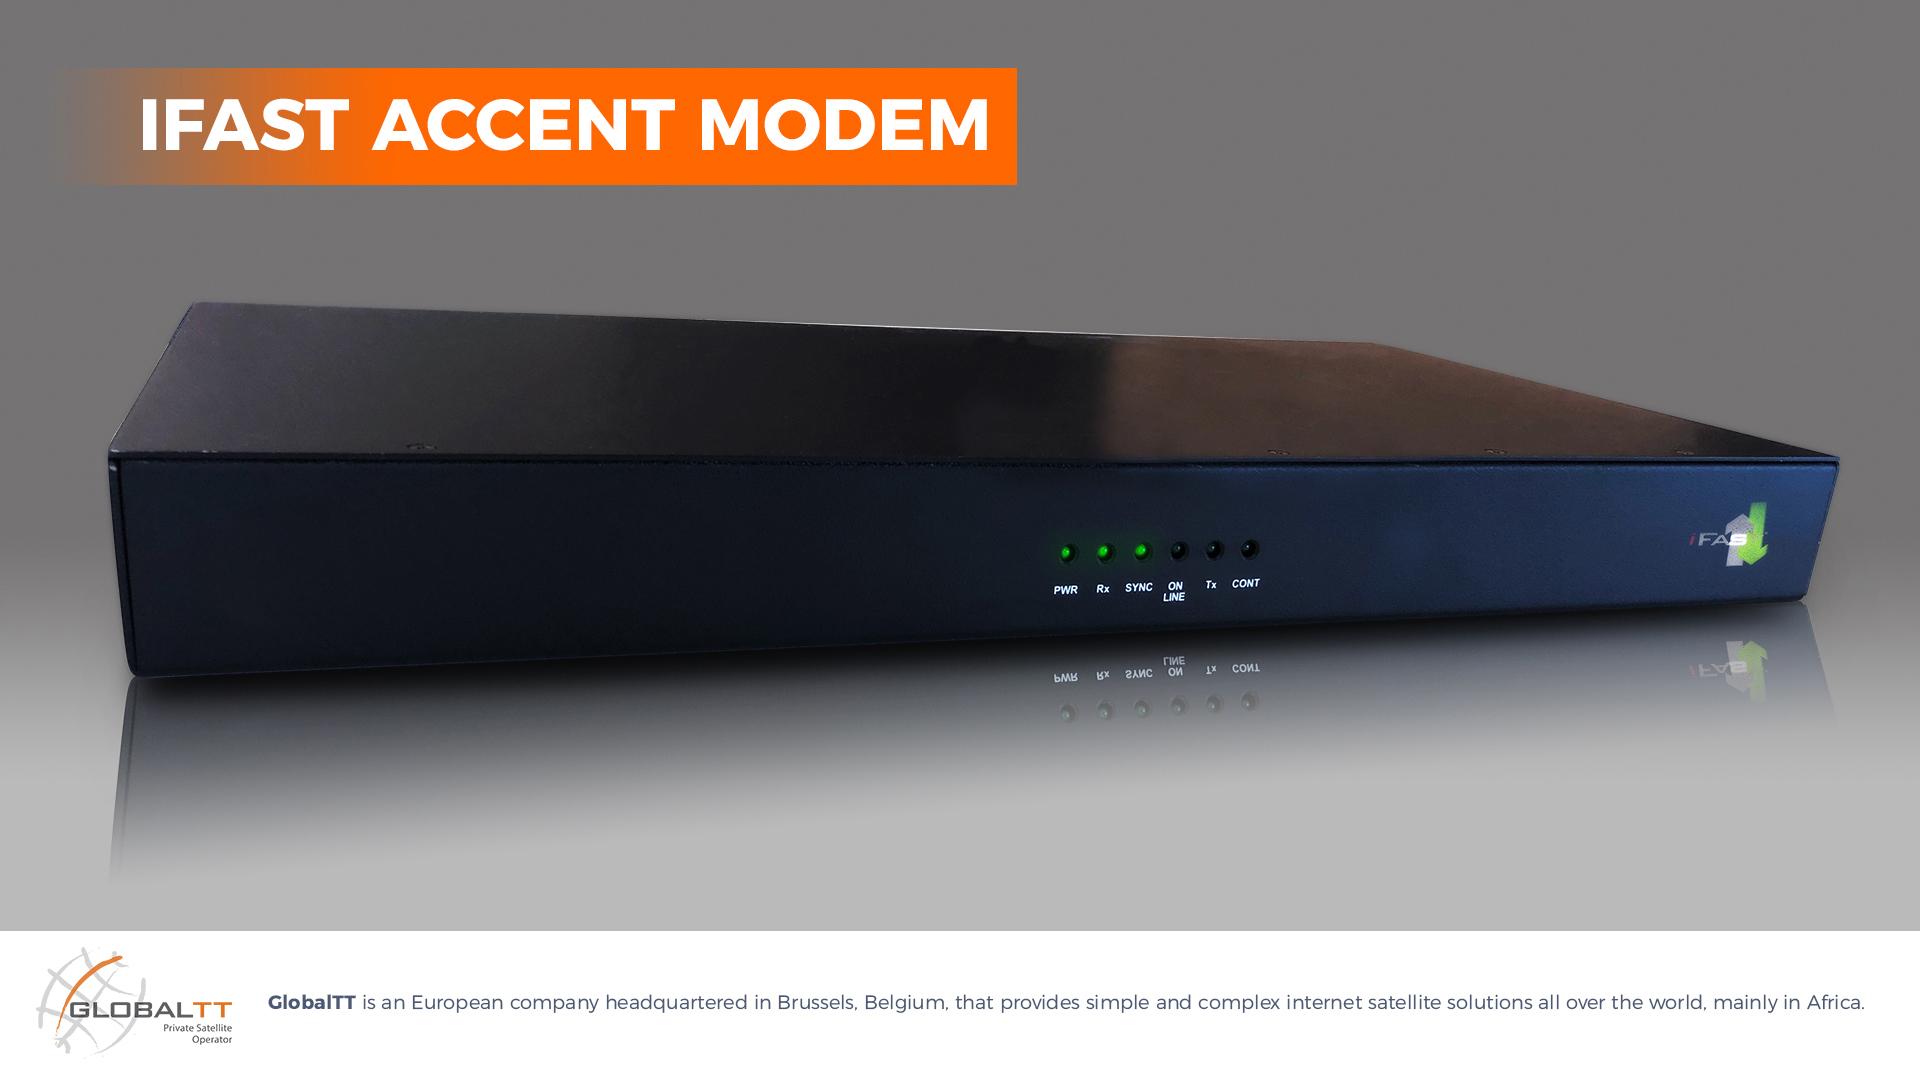 iFAST Accent Modem